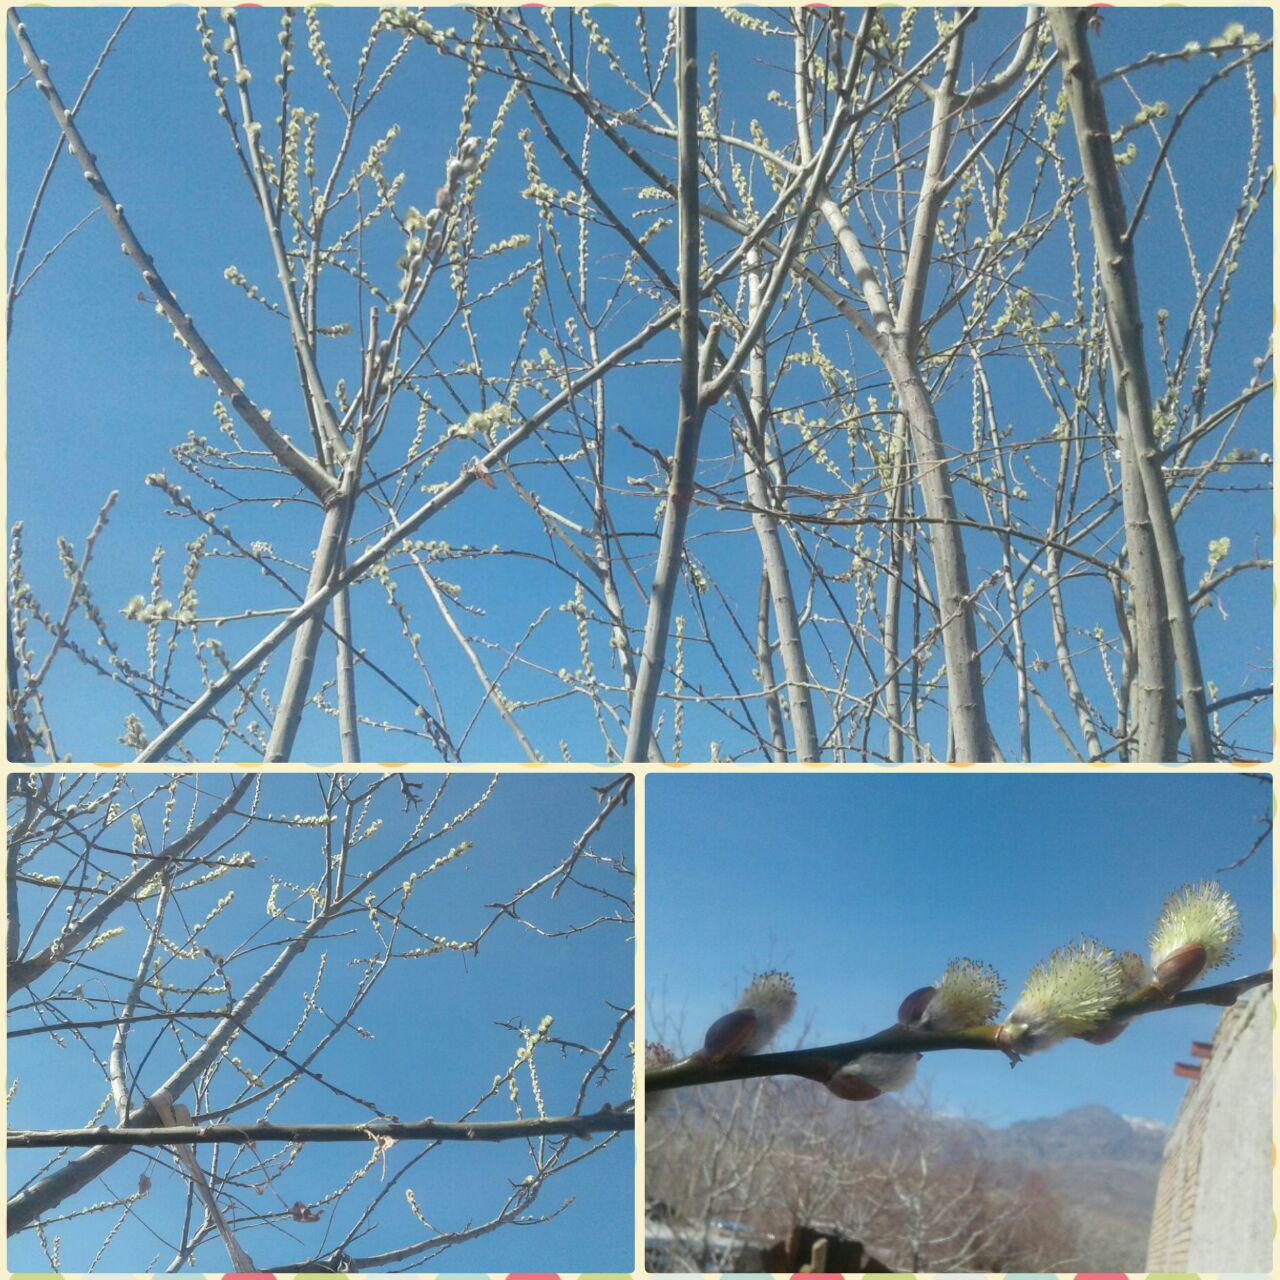 شکوفه های بیدمشک نوید بهار در روستای تذرج رابر/تصاویر